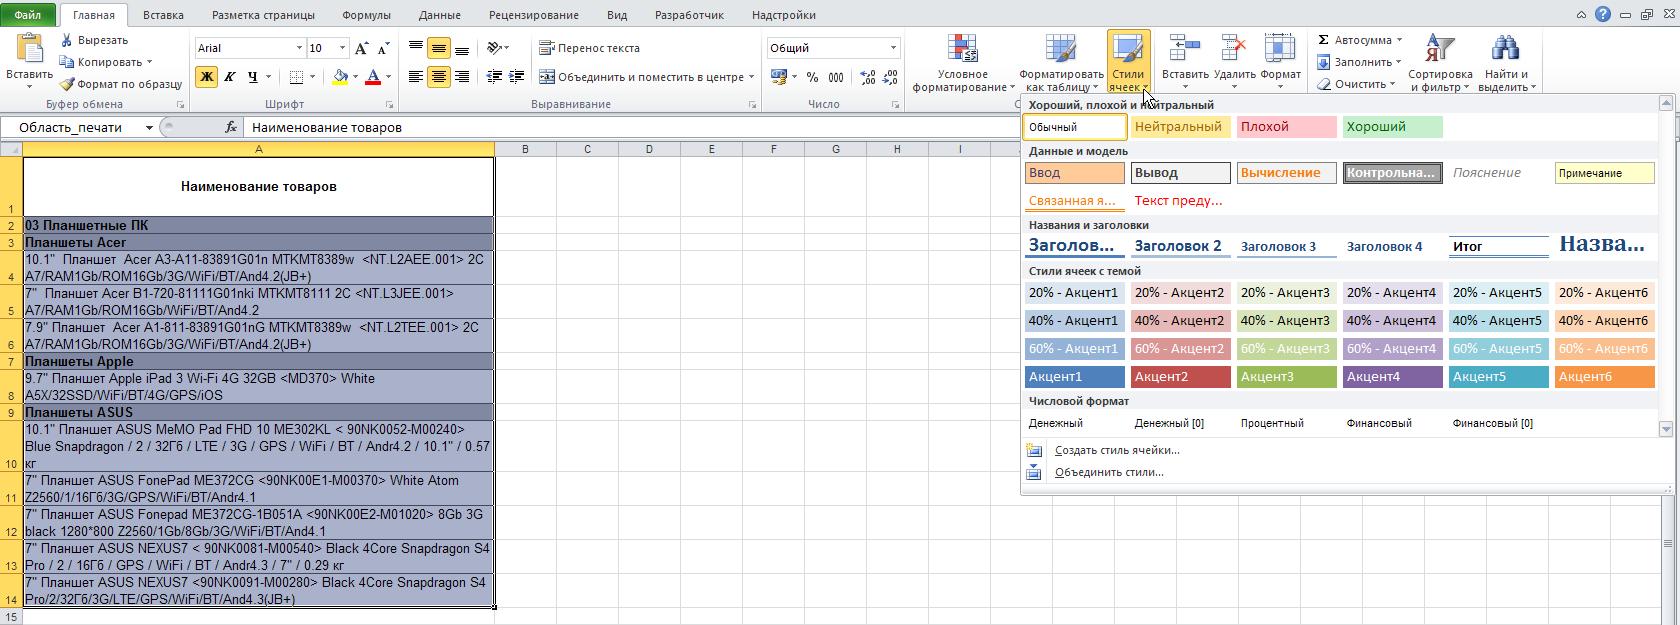 Excel: Лента - Главная - Стили ячеек